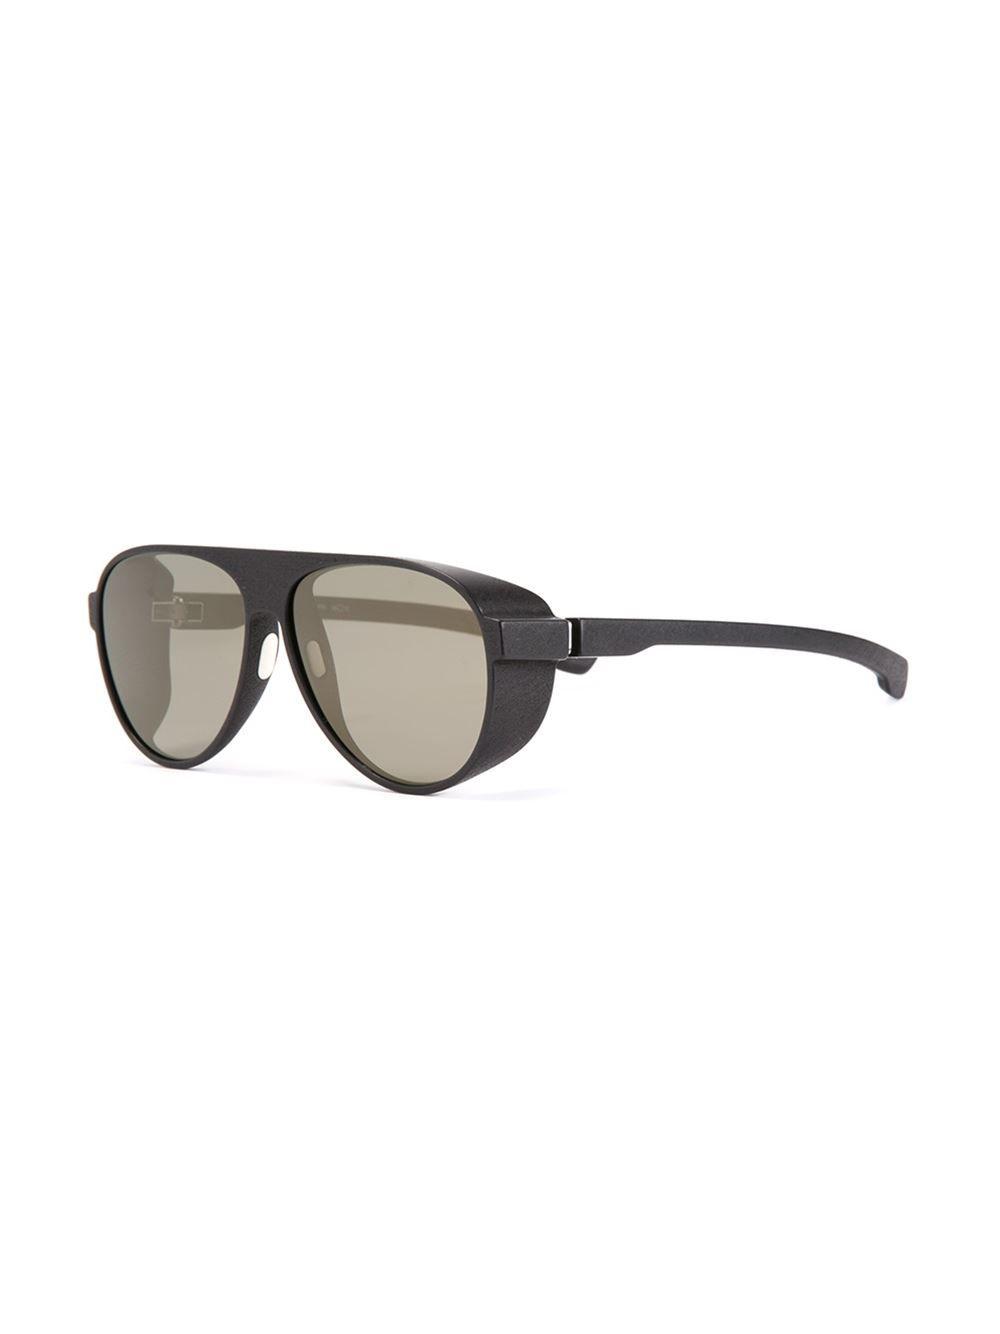 1704901489930b Mykita  Perth  sunglasses